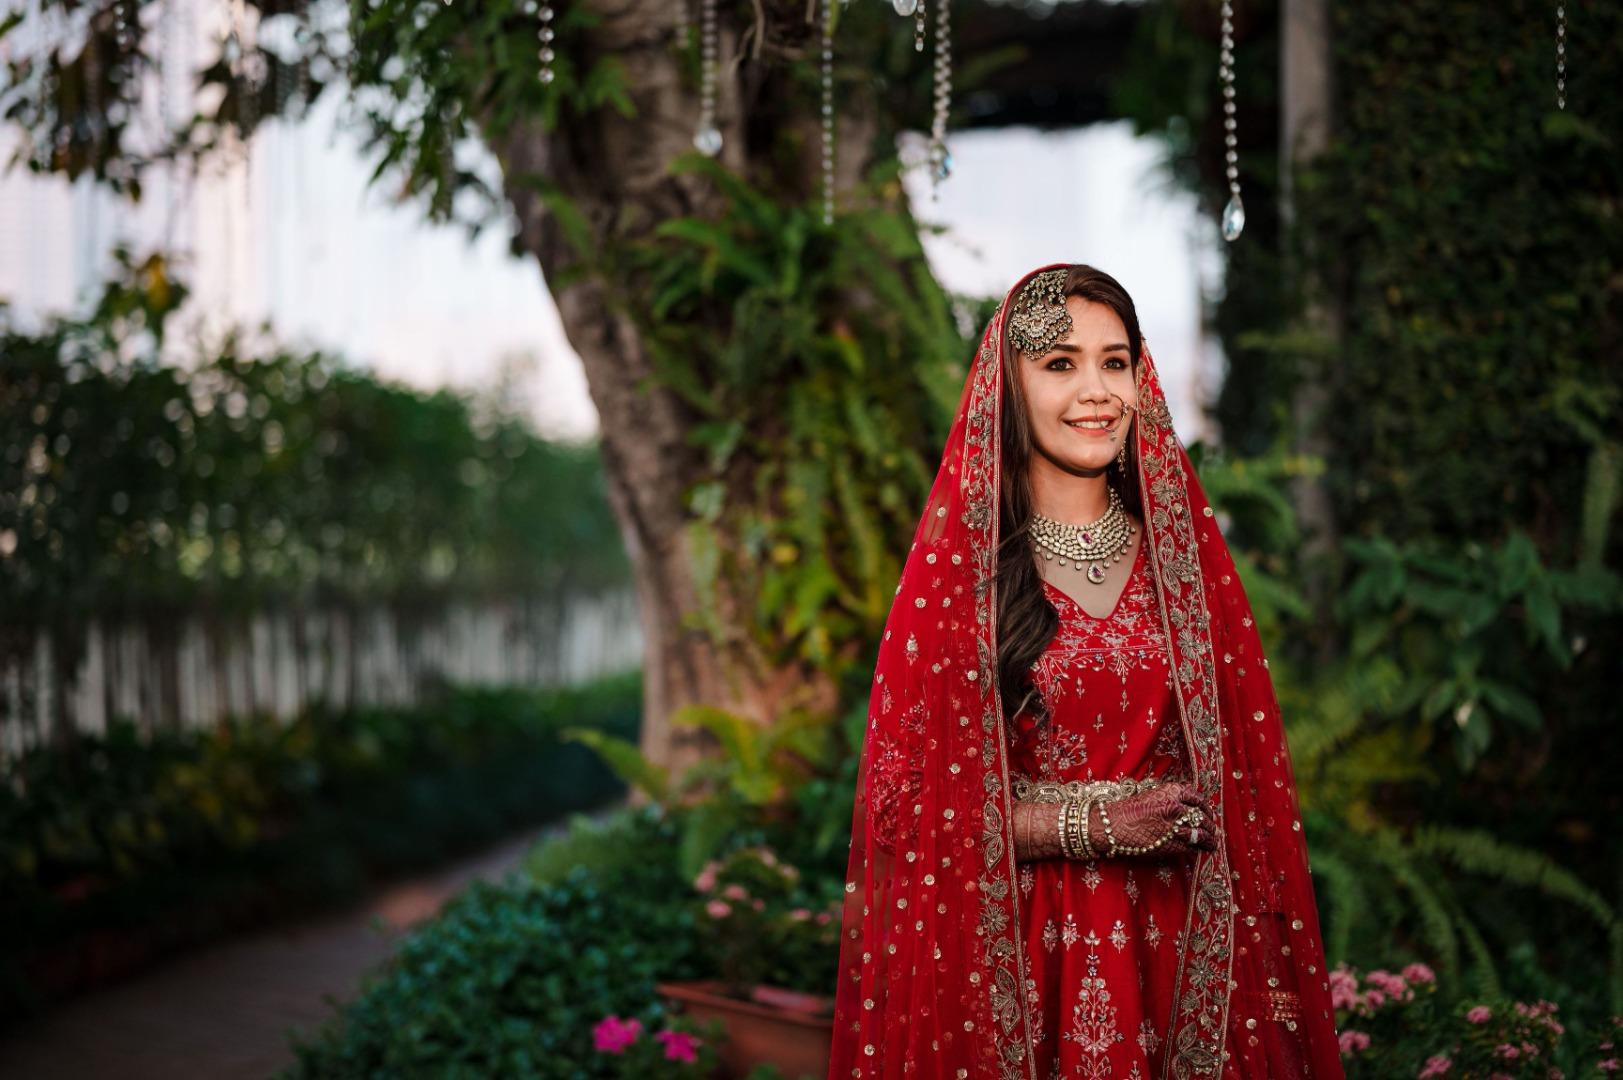 happy bride in red bridal suit